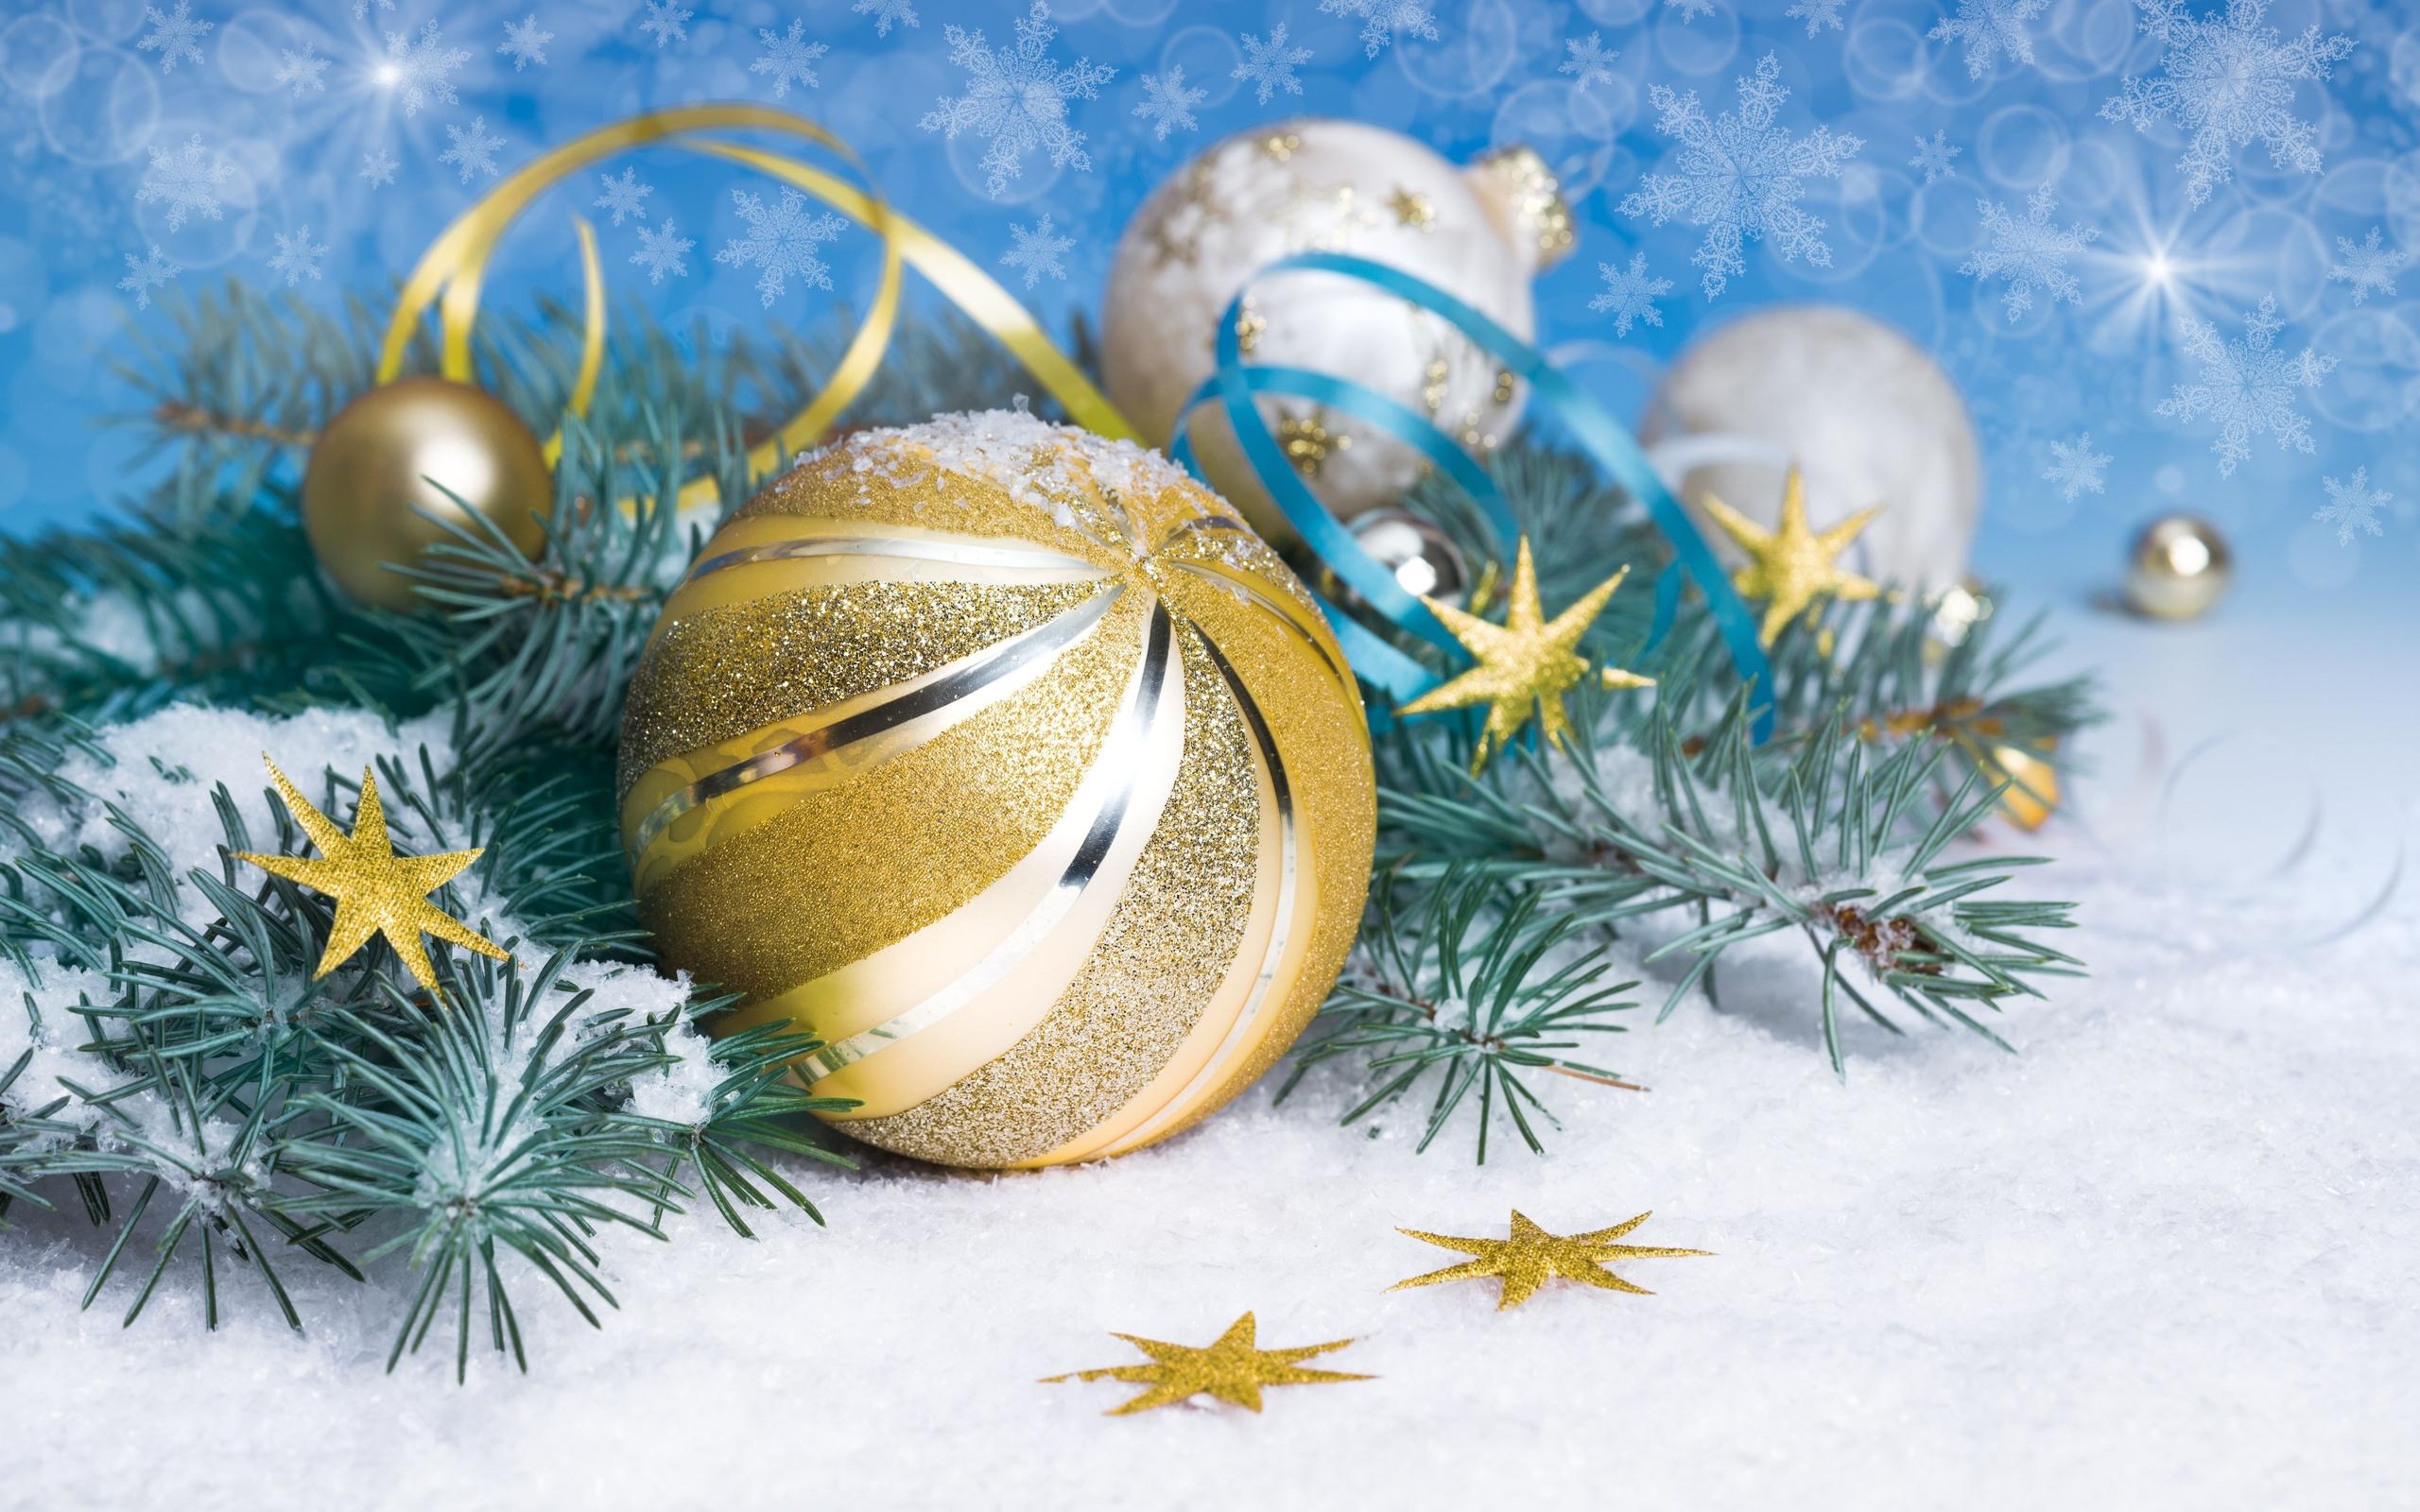 Новогодний золотистый шар - C наступающим новым годом 2017 поздравительные картинки